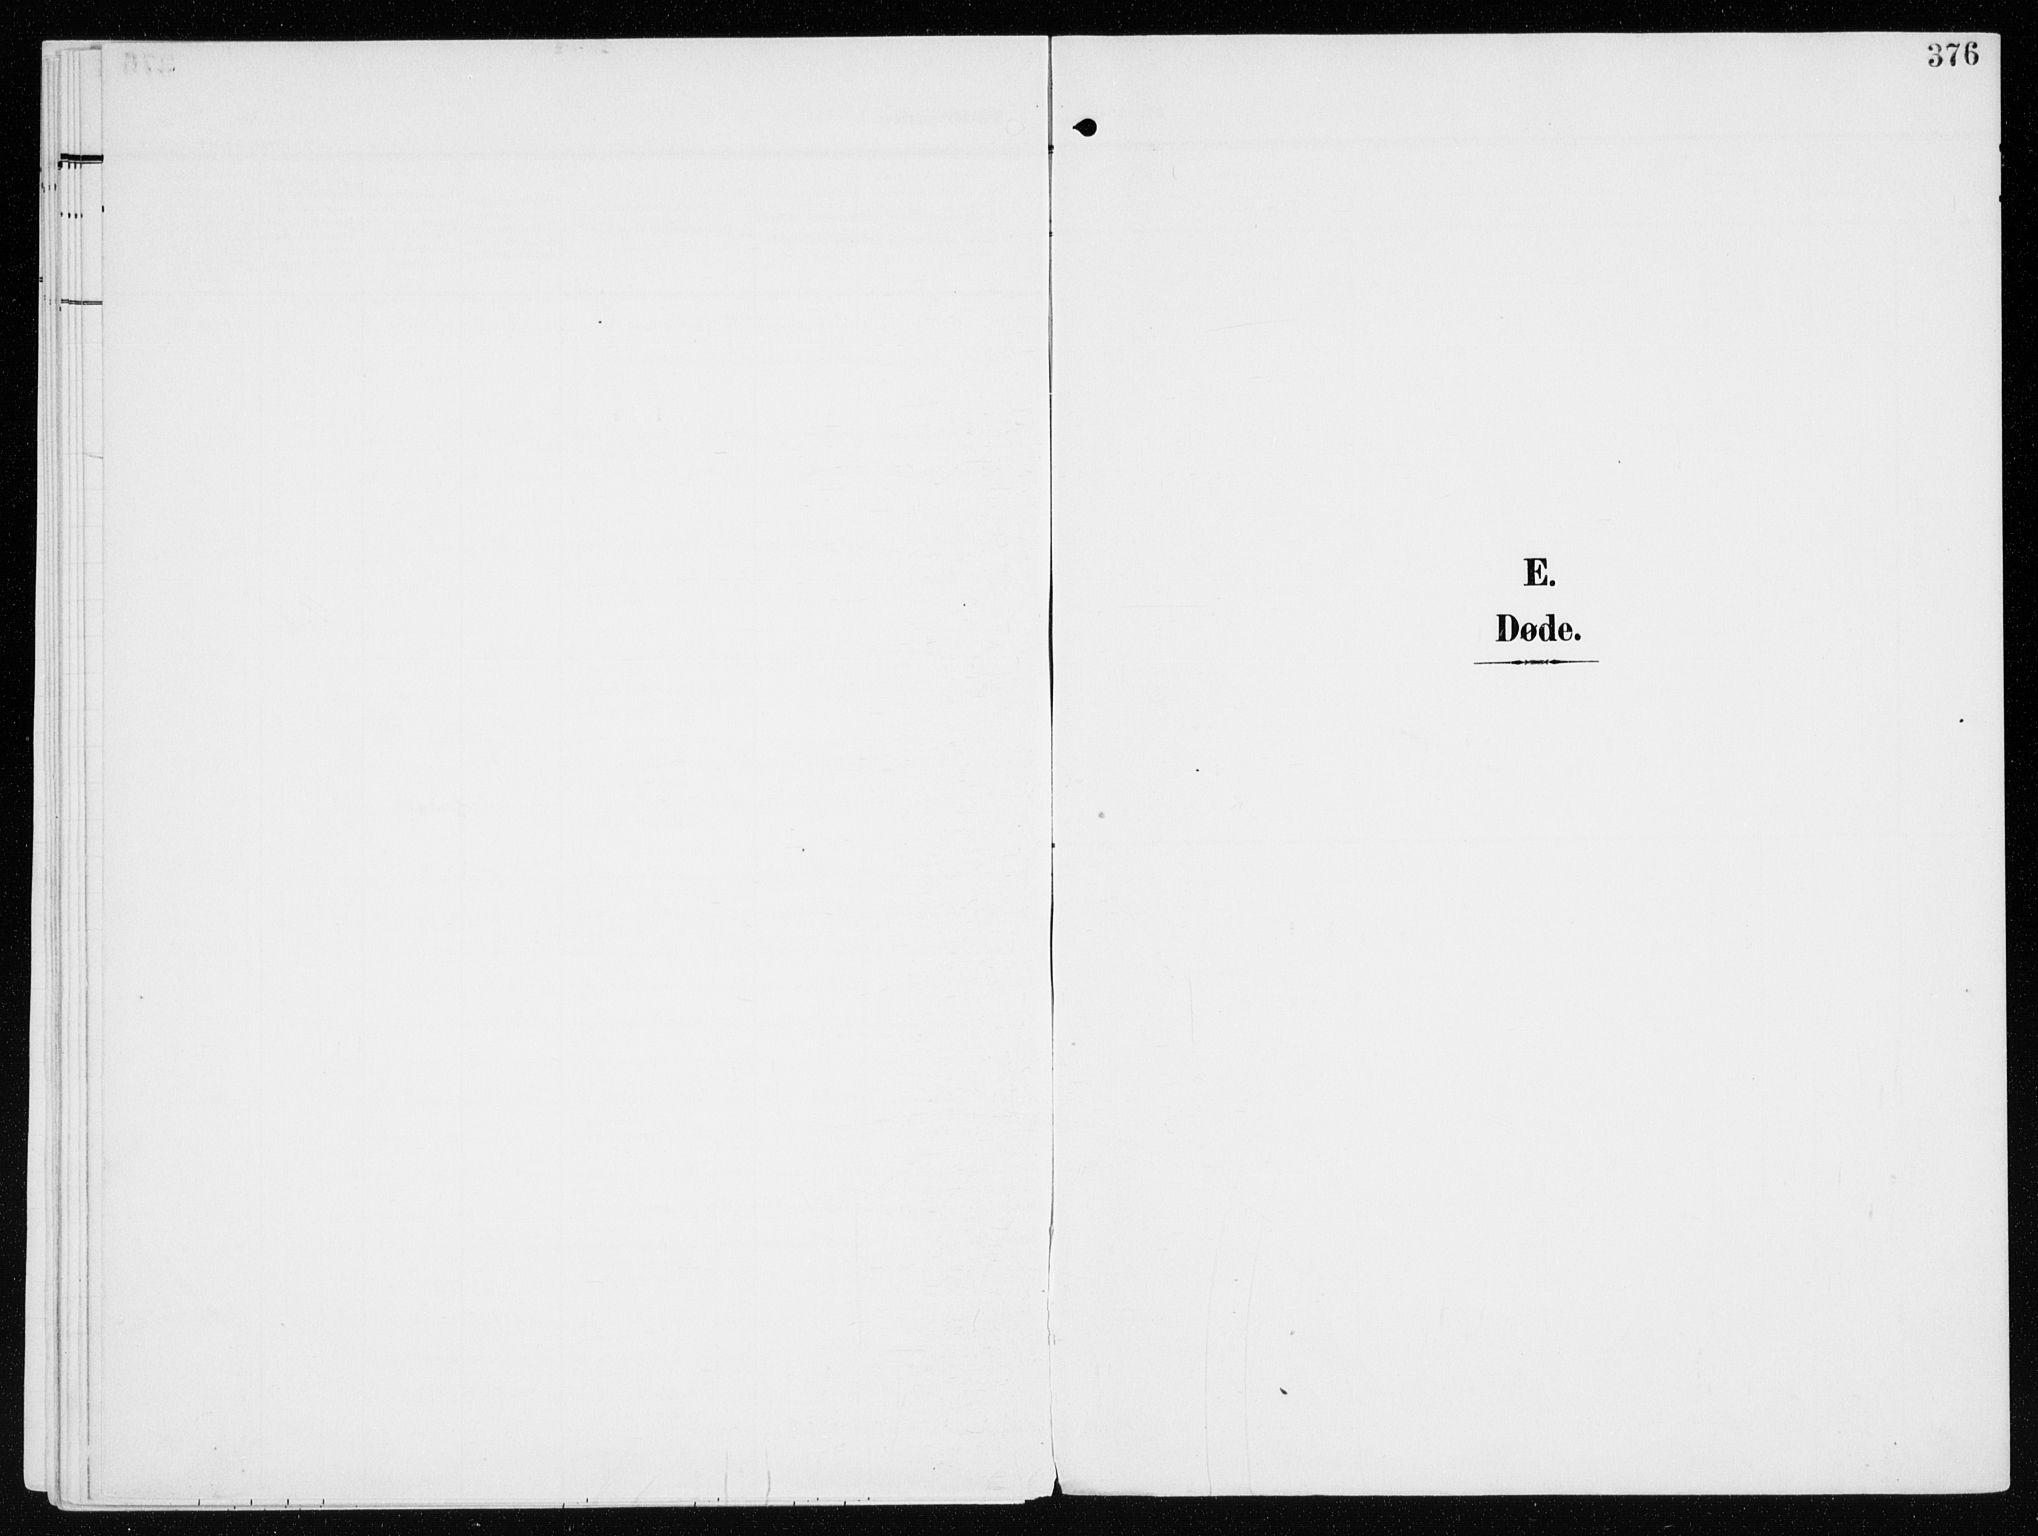 SAH, Furnes sokneprestkontor, K/Ka/L0001: Ministerialbok nr. 1, 1907-1935, s. 376